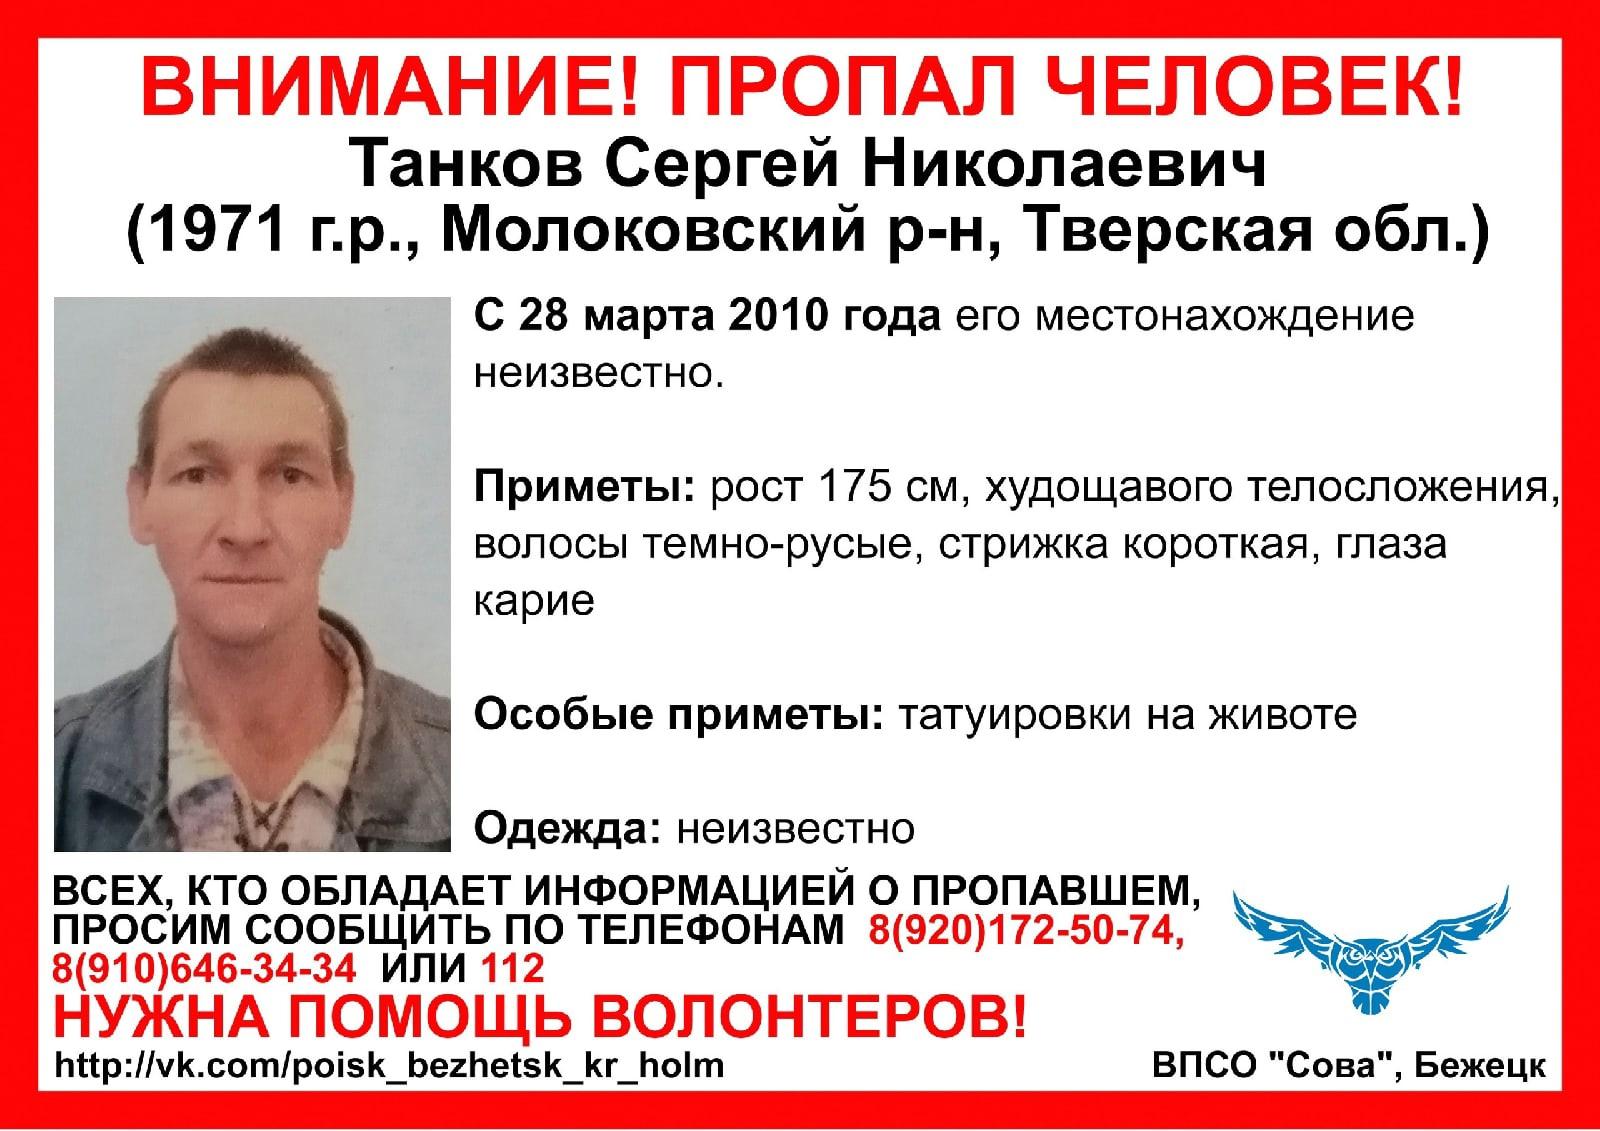 Мужчину с татуировкой на животе 11 лет разыскивают в Тверской области